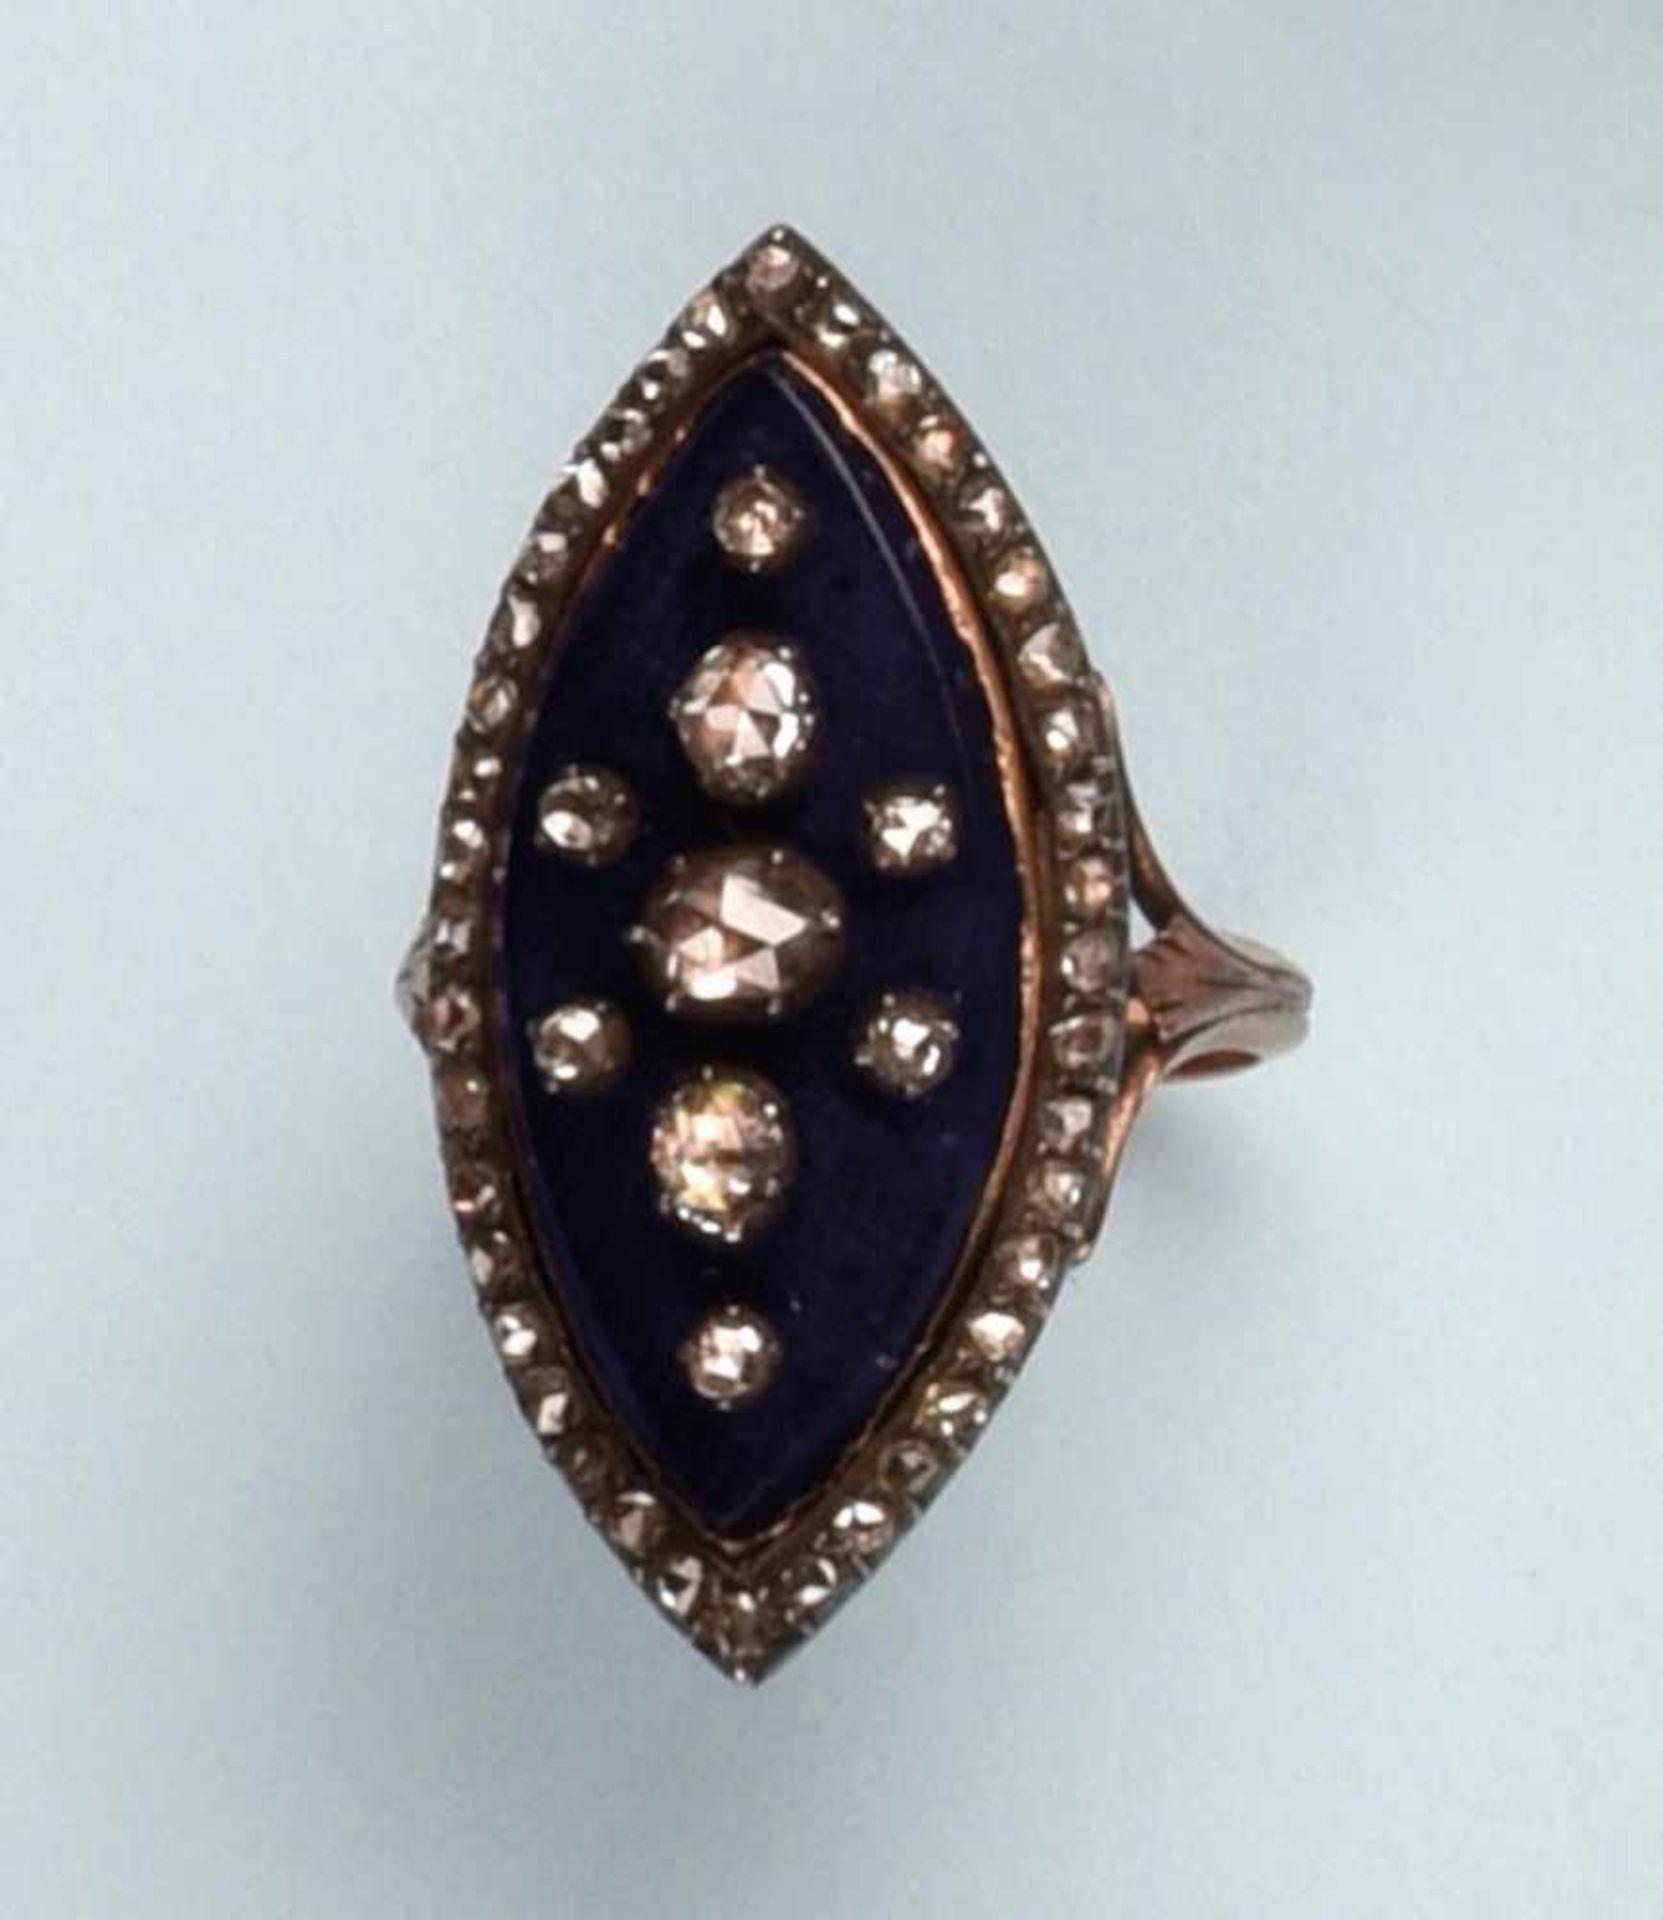 Bague en argent et or rose 750. Le plateau de forme marquise est émaillé de couleur bleue. Le